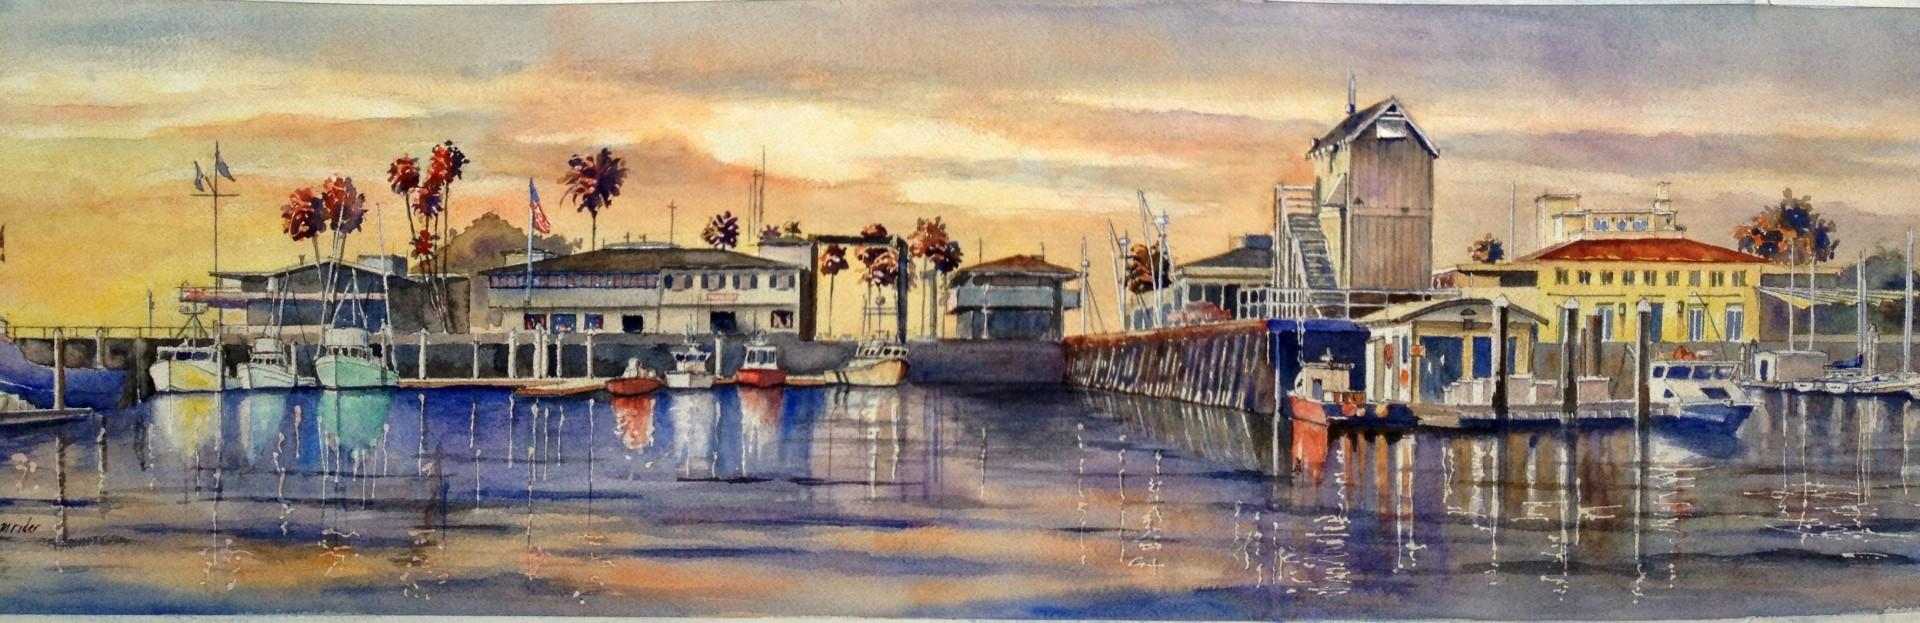 Santa Barbara Harbor Sunset